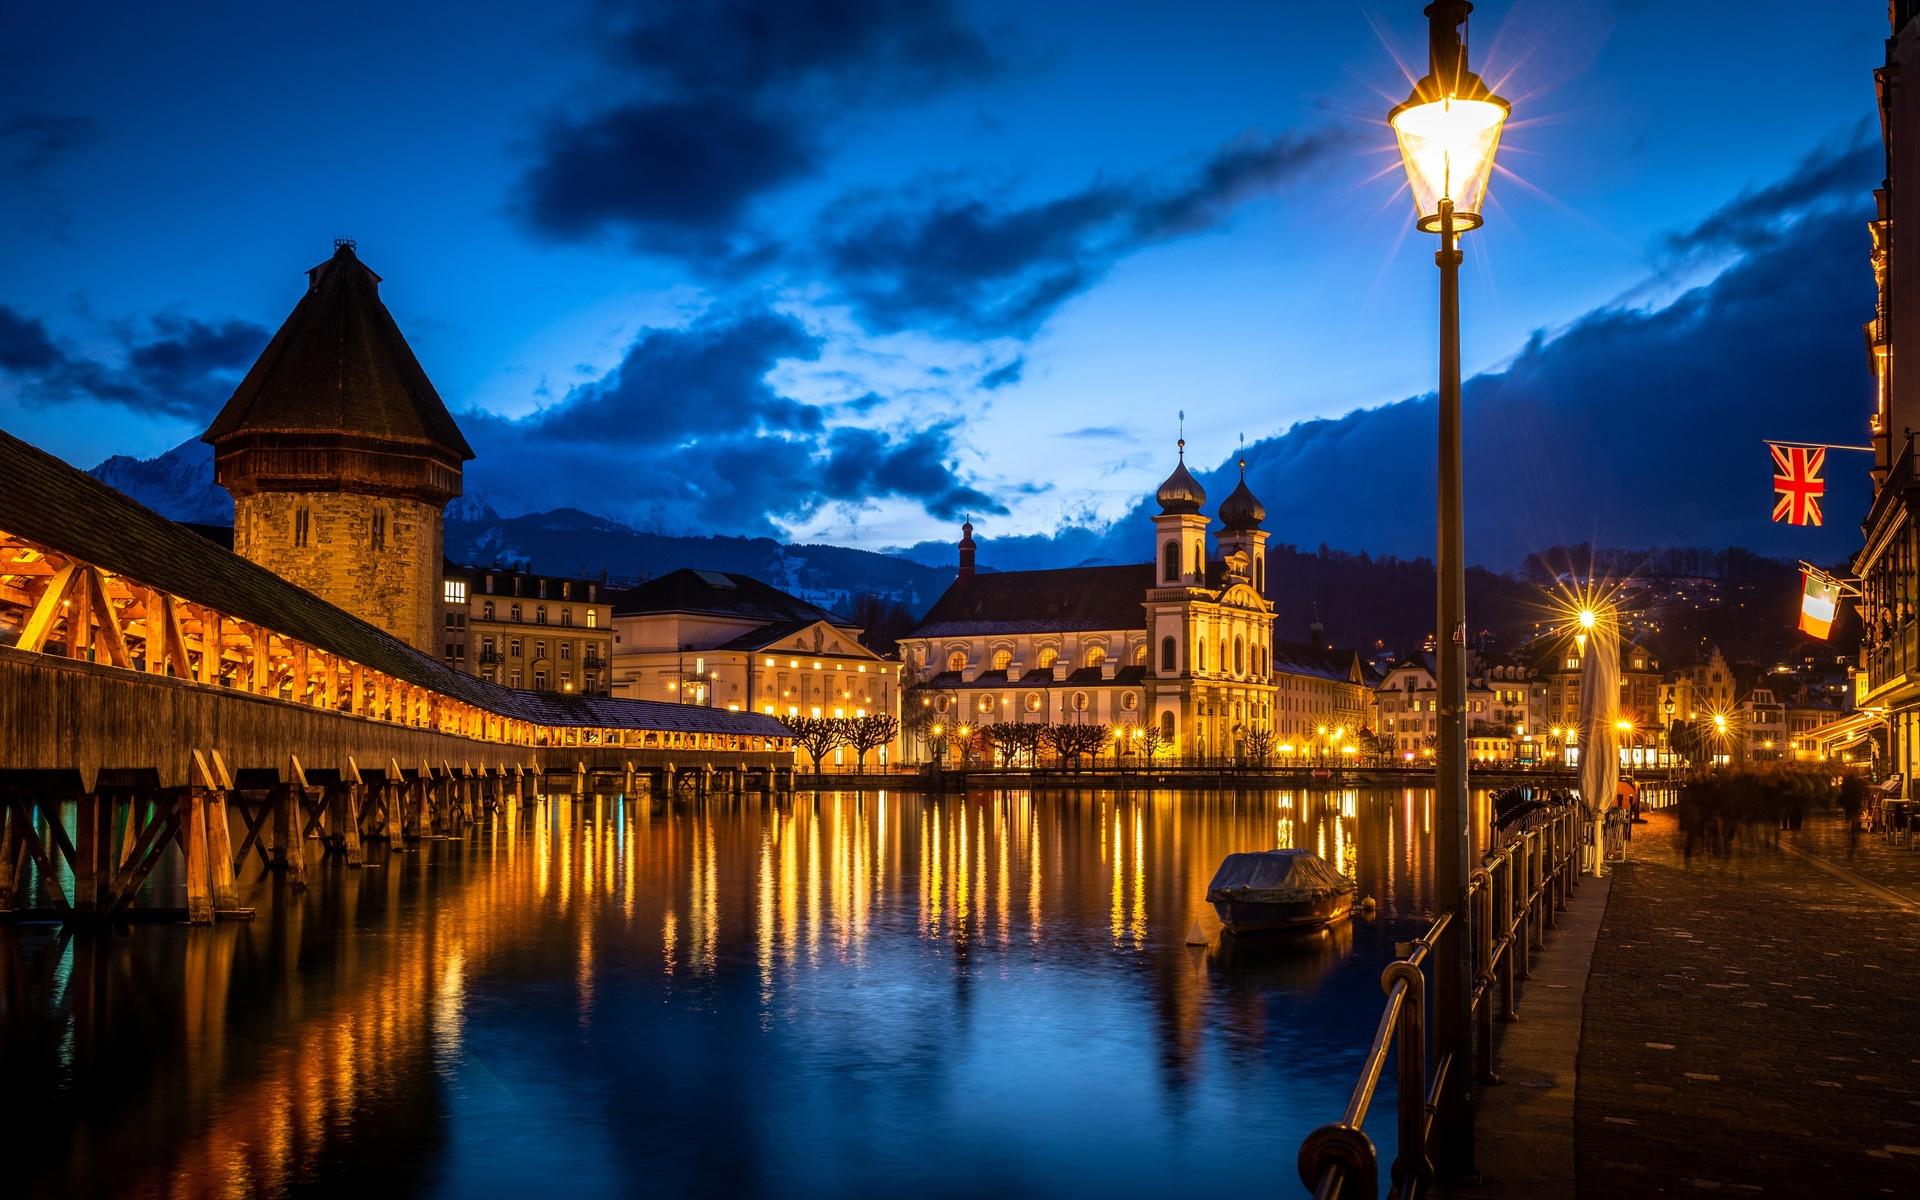 река, мост, дома, церковь, швейцария, lucerne, wasserturm, reuss river, ночь, уличные фонари, башня, город